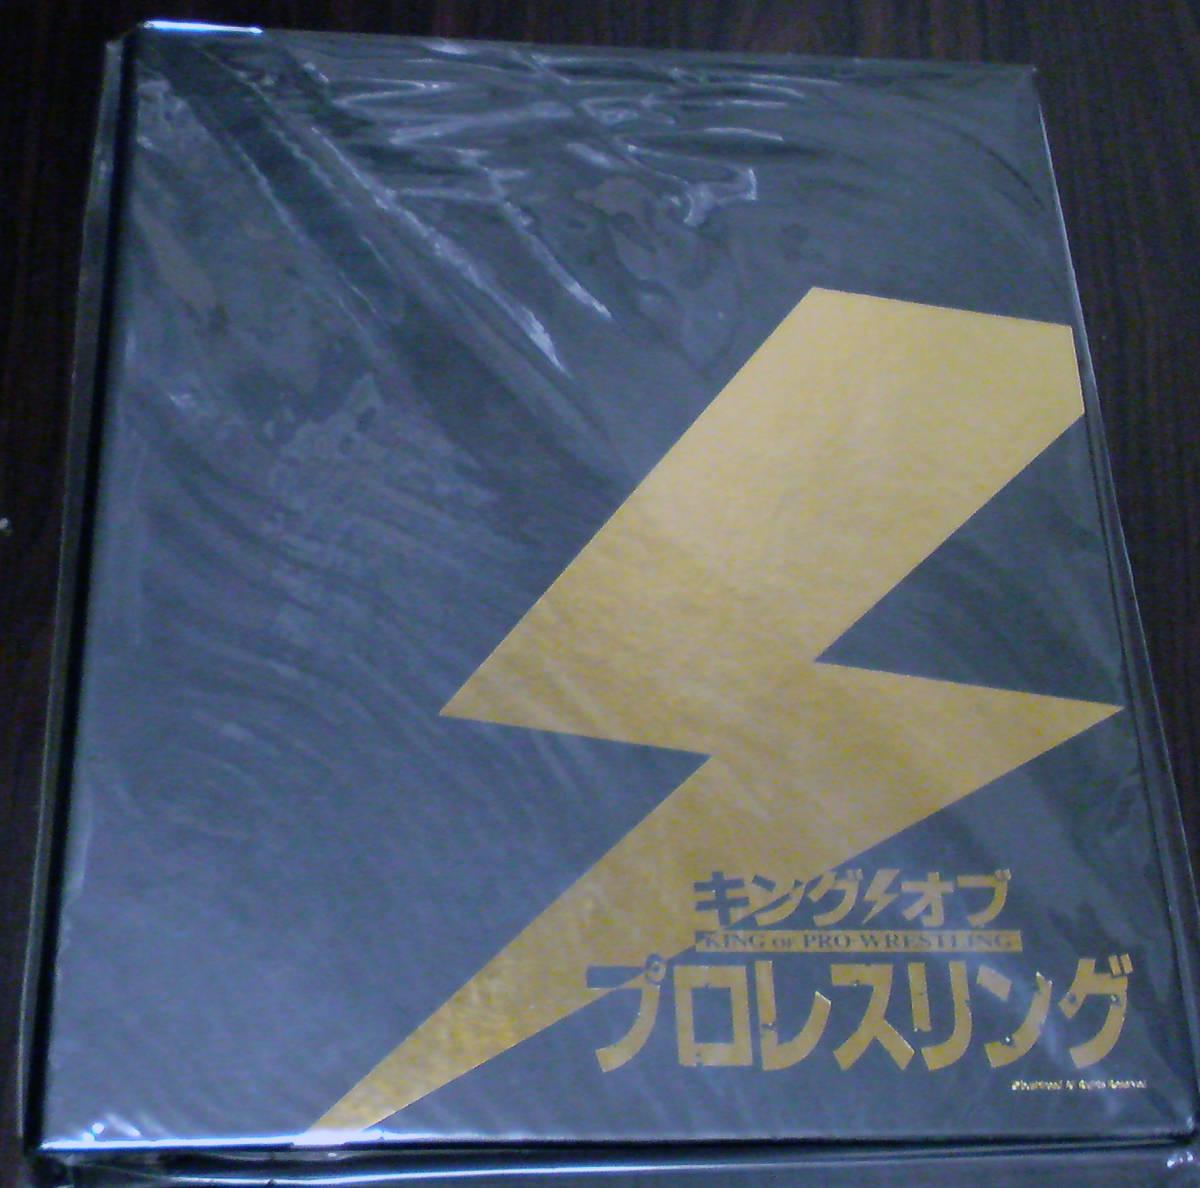 キングオブプロレスリング バインダー キンプロ 新日本プロレス 非売品 新品未開封 ブシロード カードホルダー